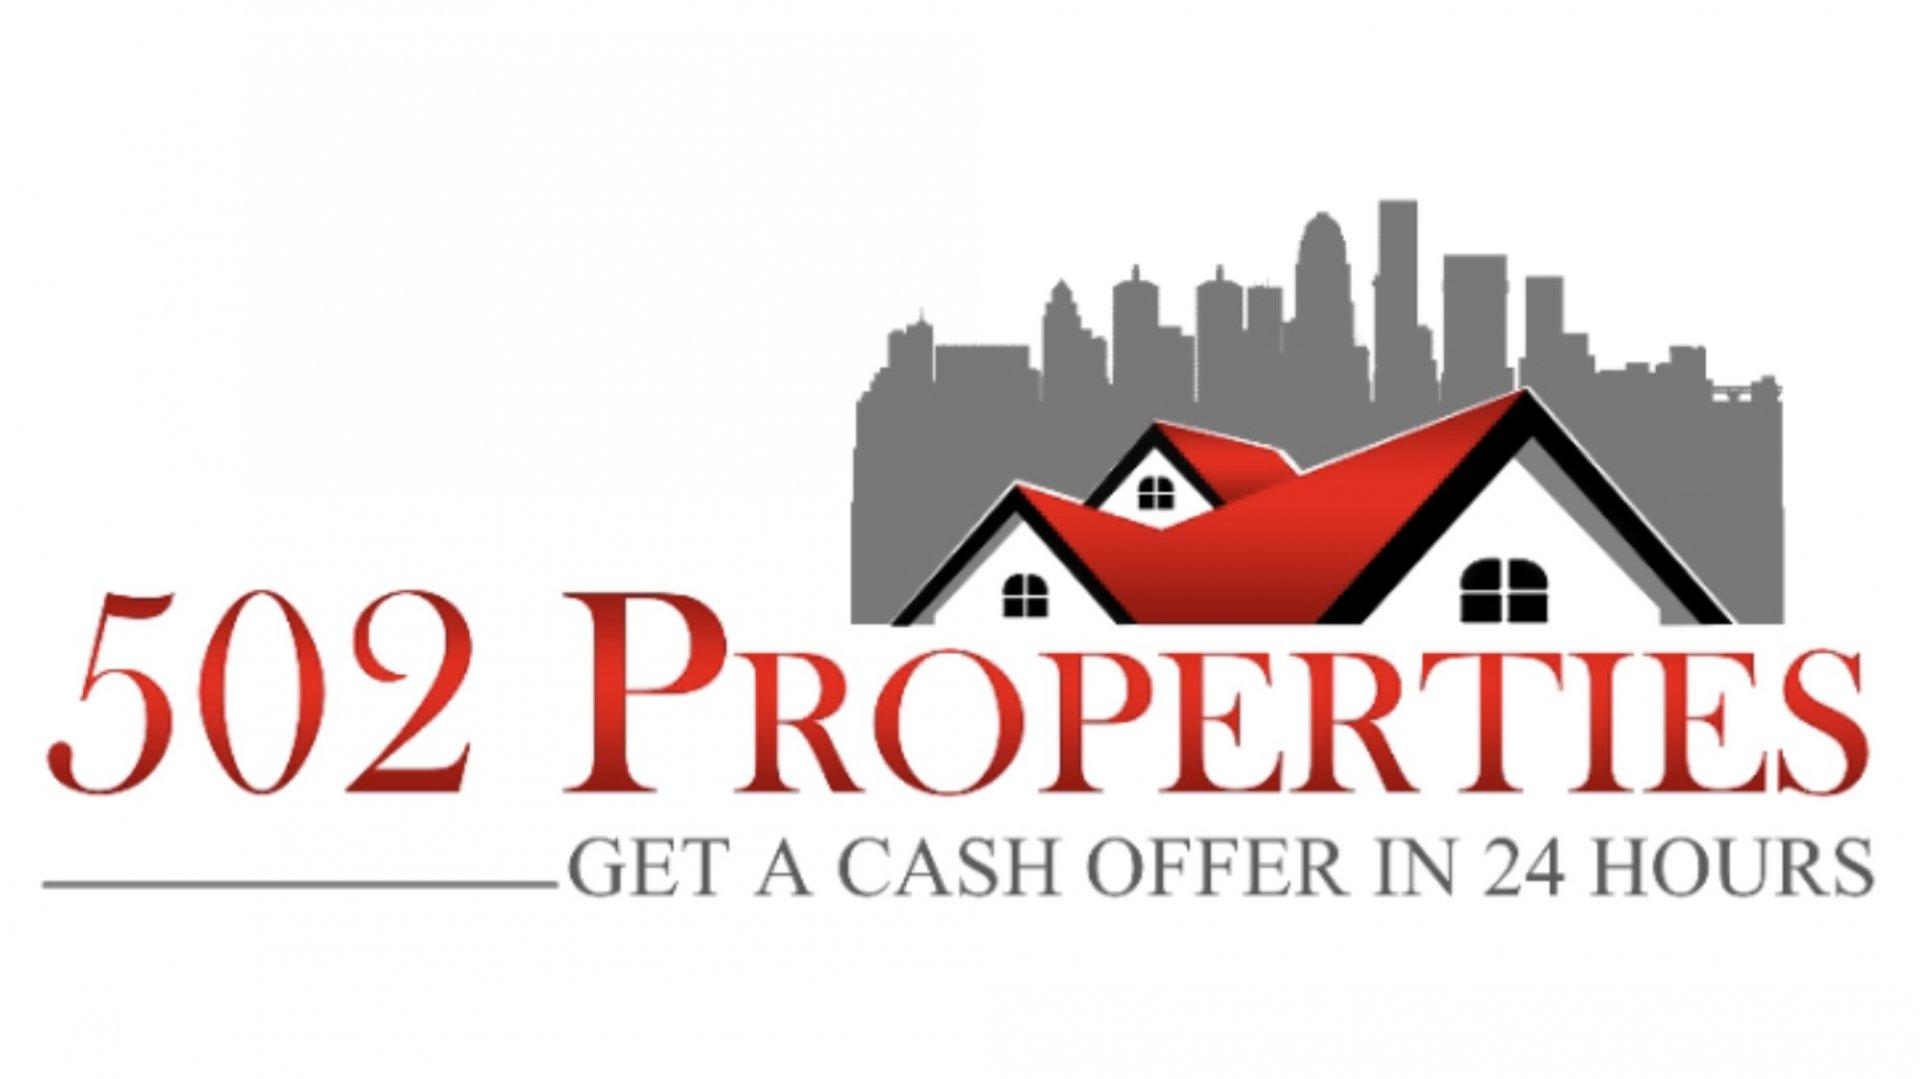 502 Properties logo